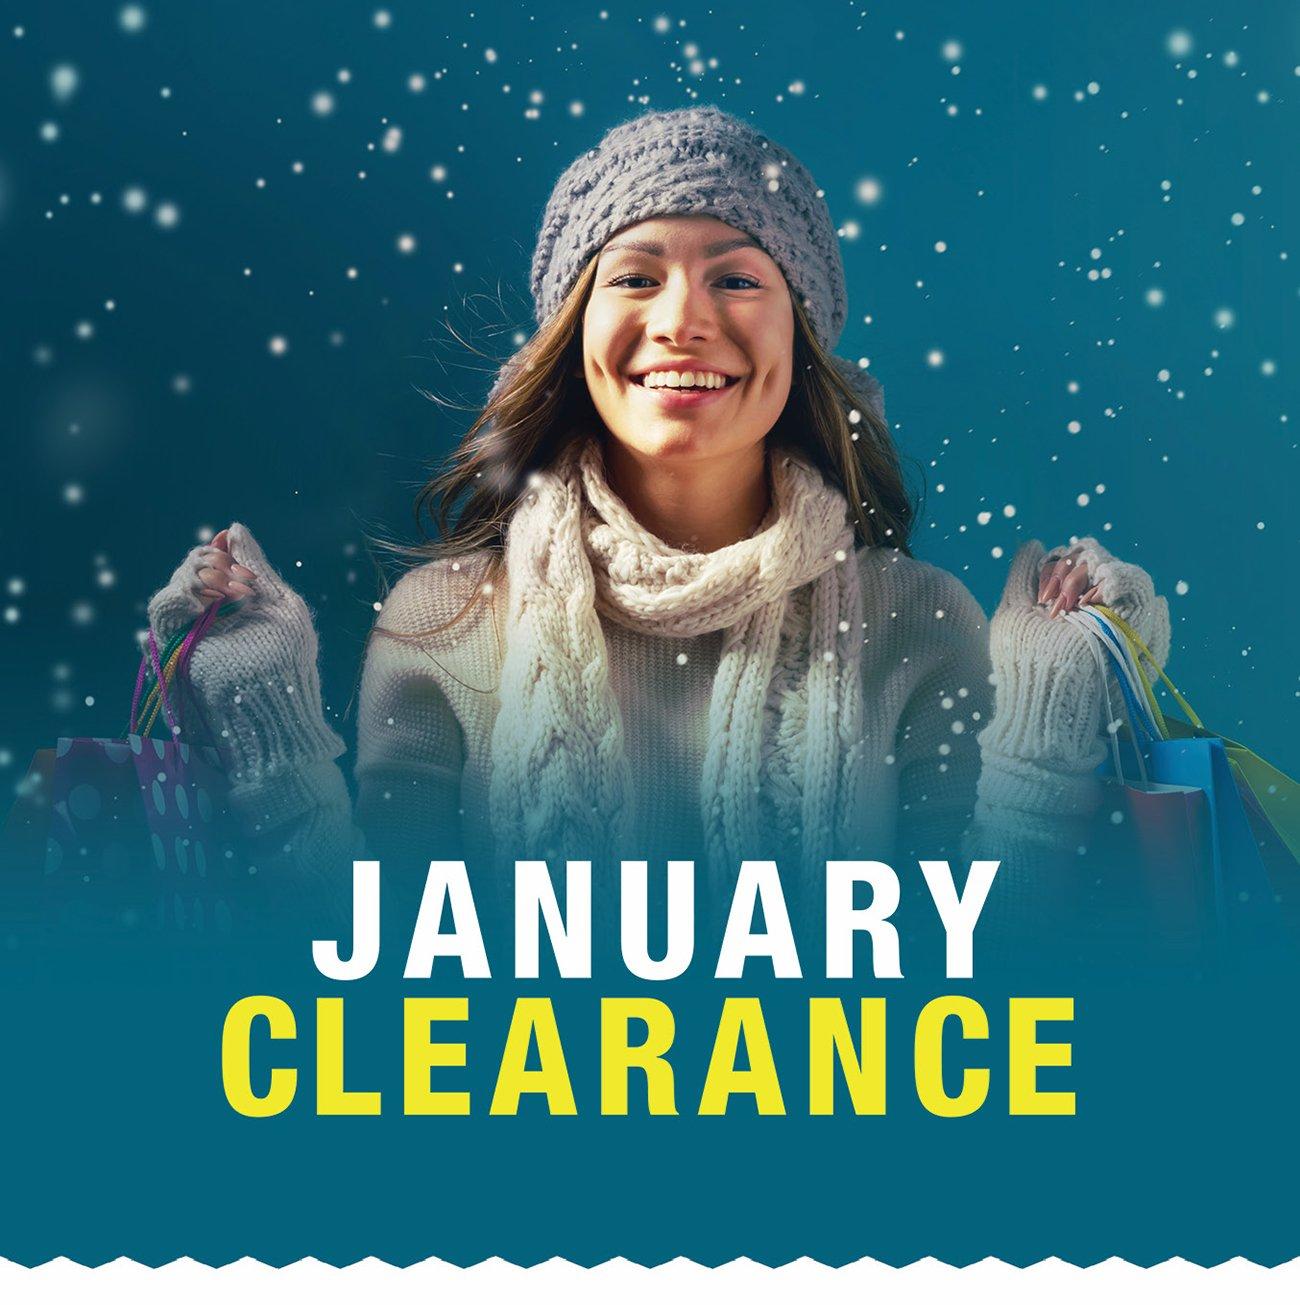 January-clearance